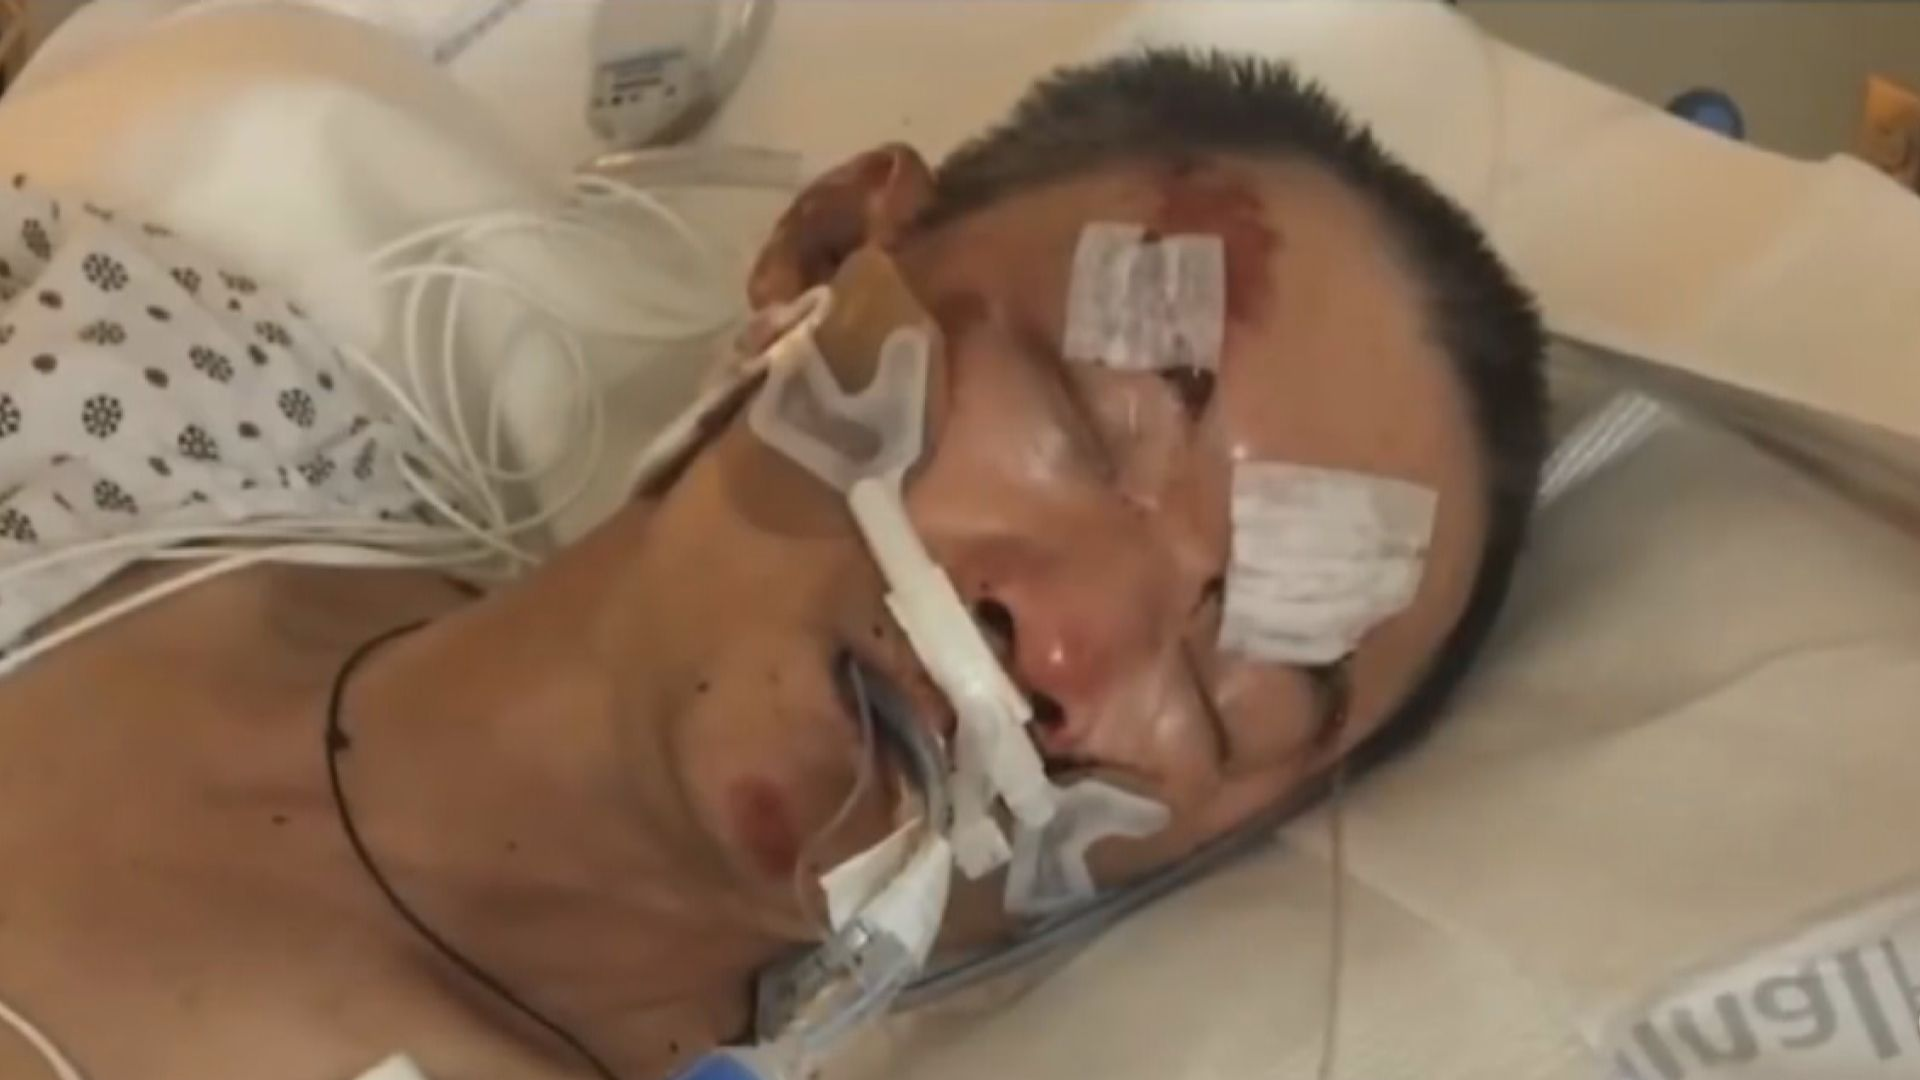 61歲華裔男子紐約街頭遇襲後重傷昏迷 情況危殆